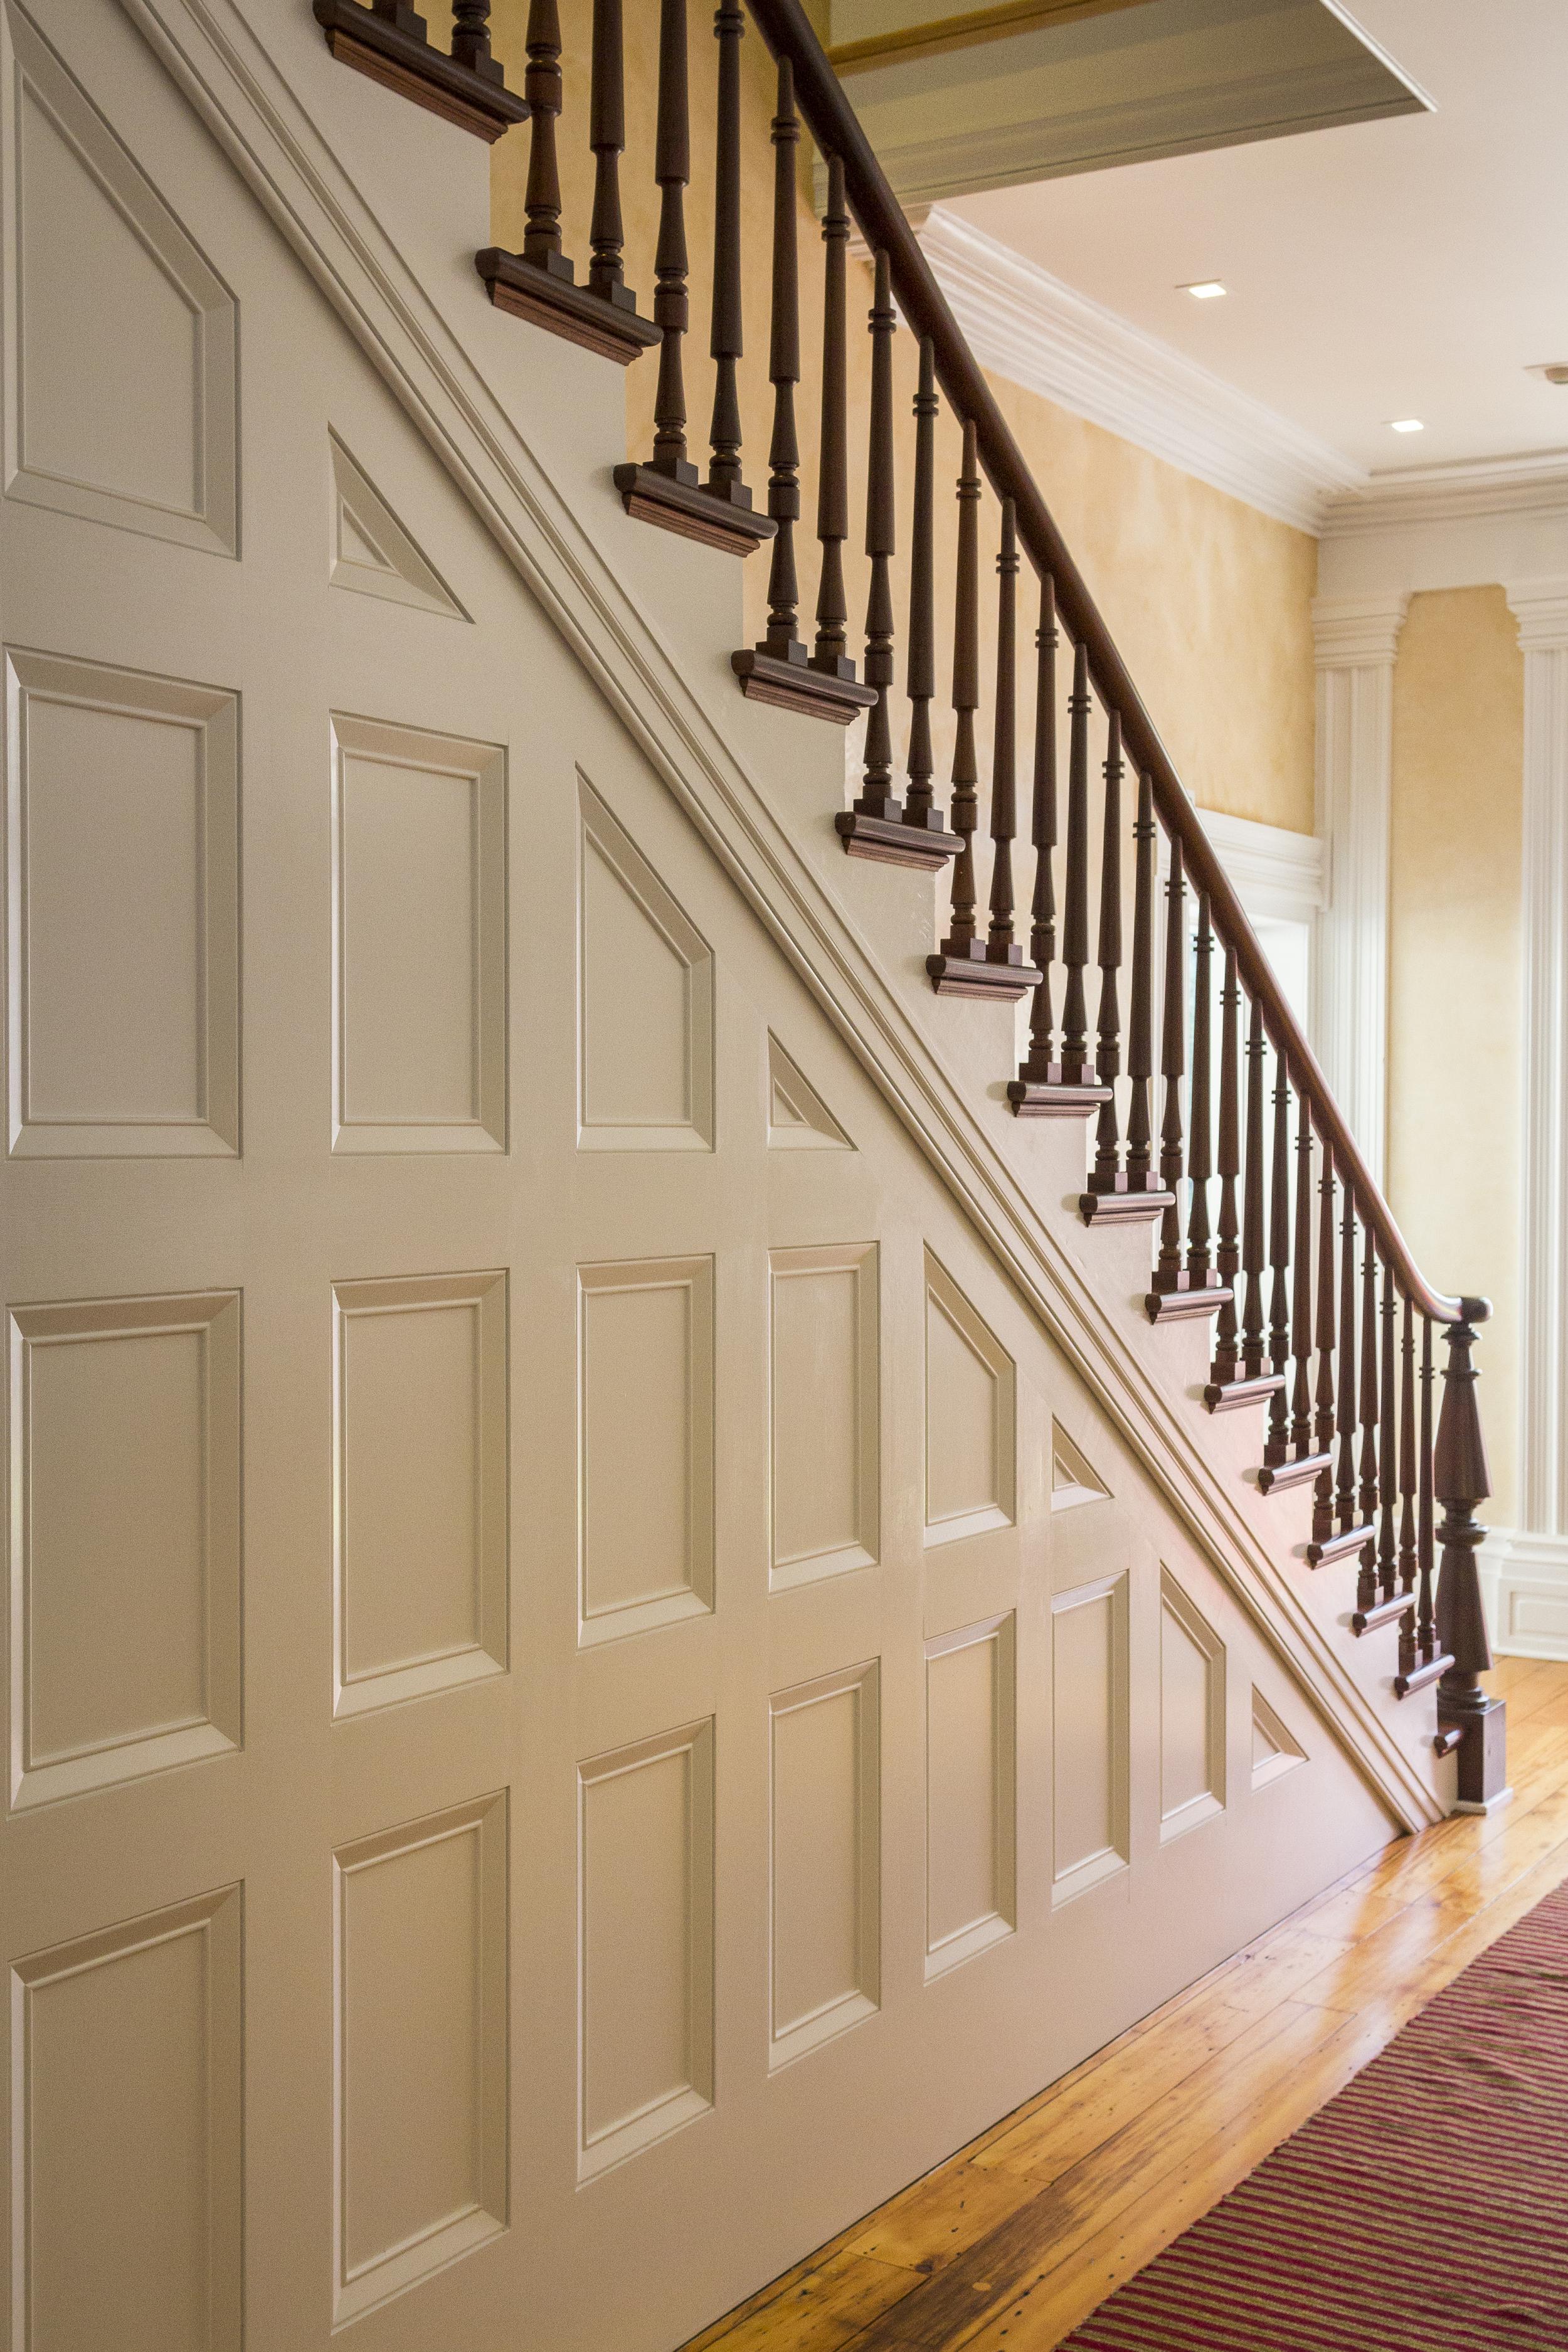 molding & stairway.jpg